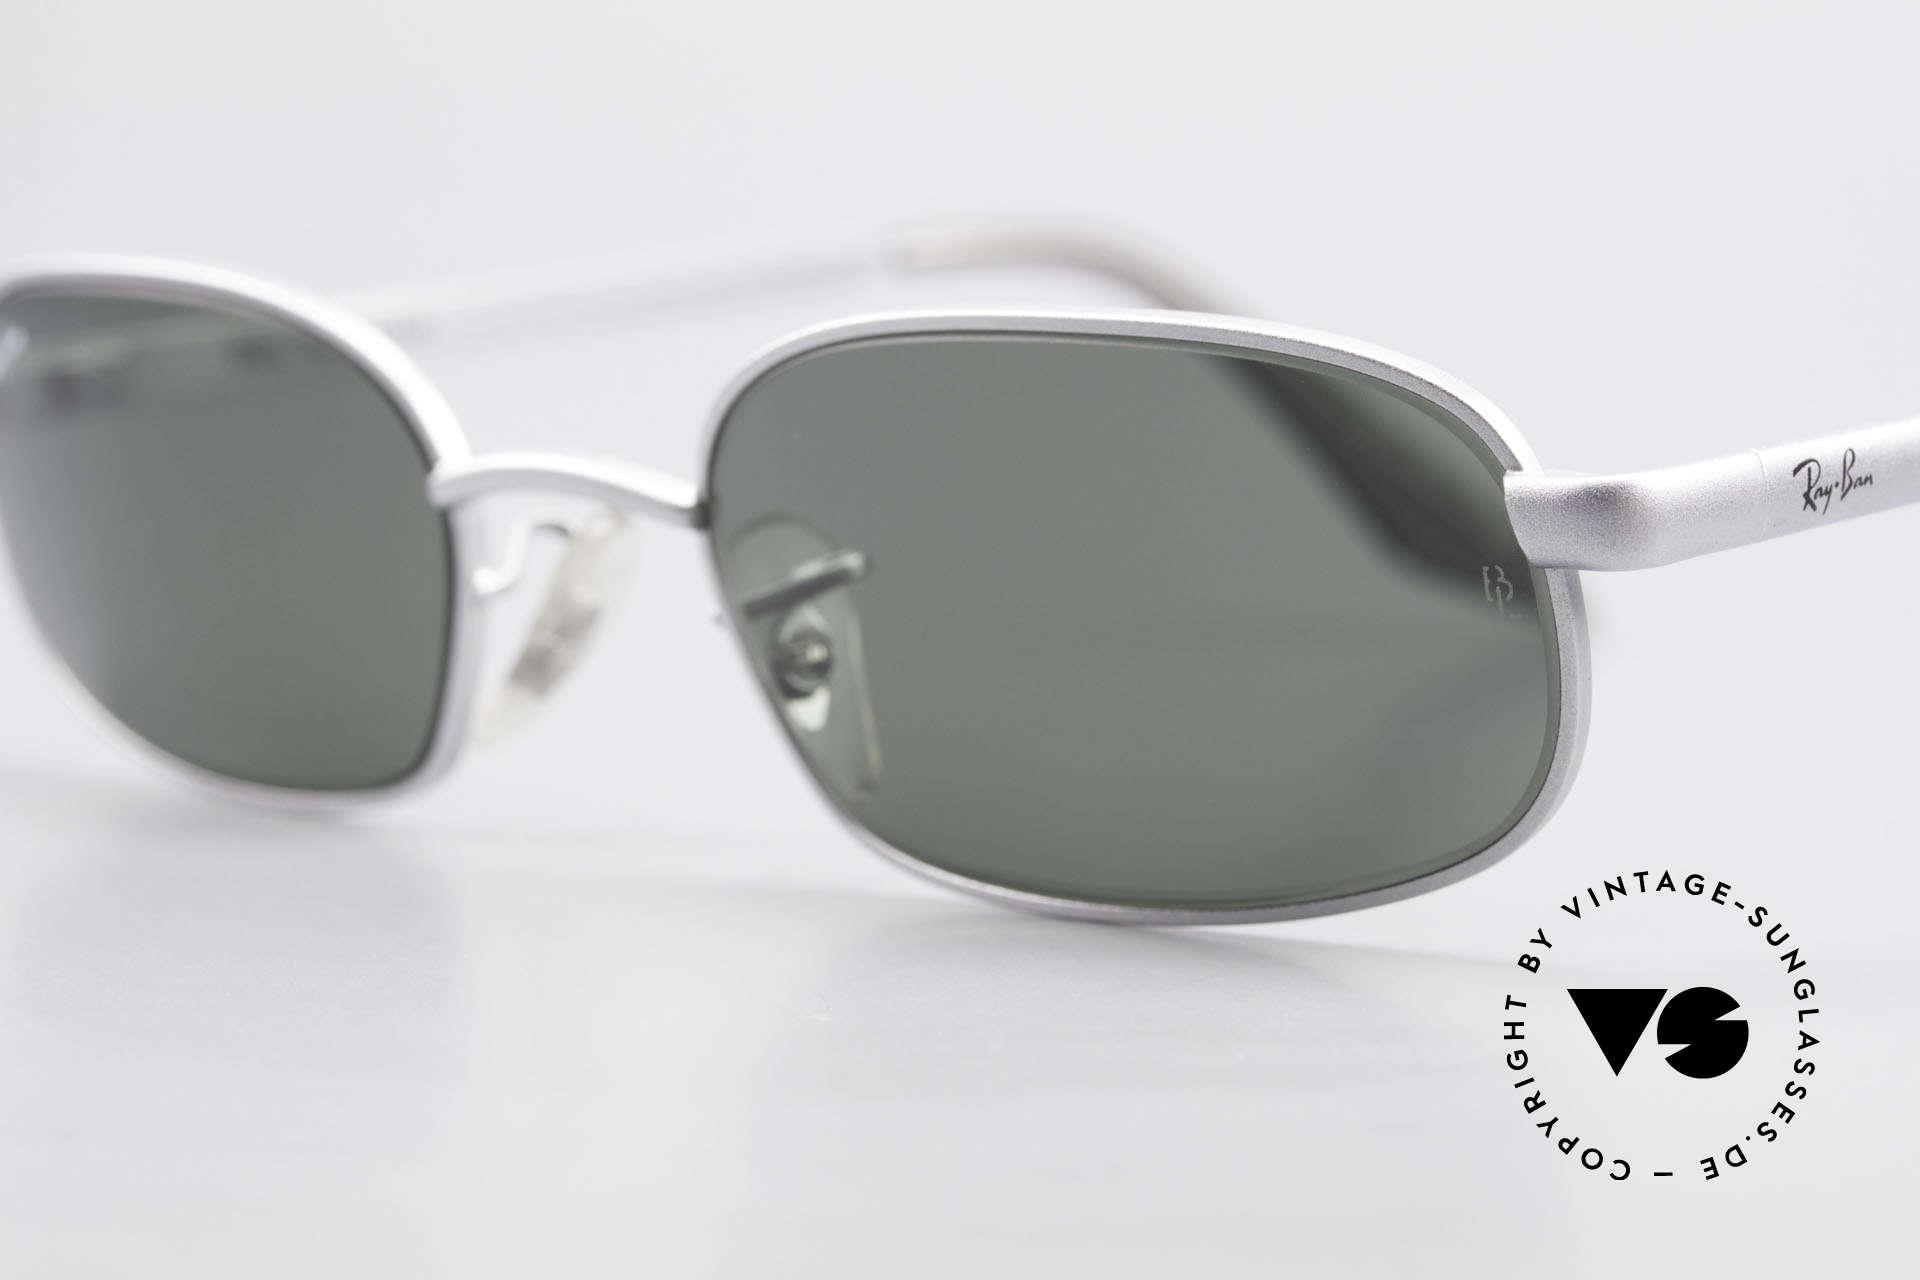 Ray Ban Sidestreet Sidewalk Rectangle Ray-Ban USA Brille, interessant; da ein Stück (Wirtschaft) Zeitgeschichte, Passend für Herren